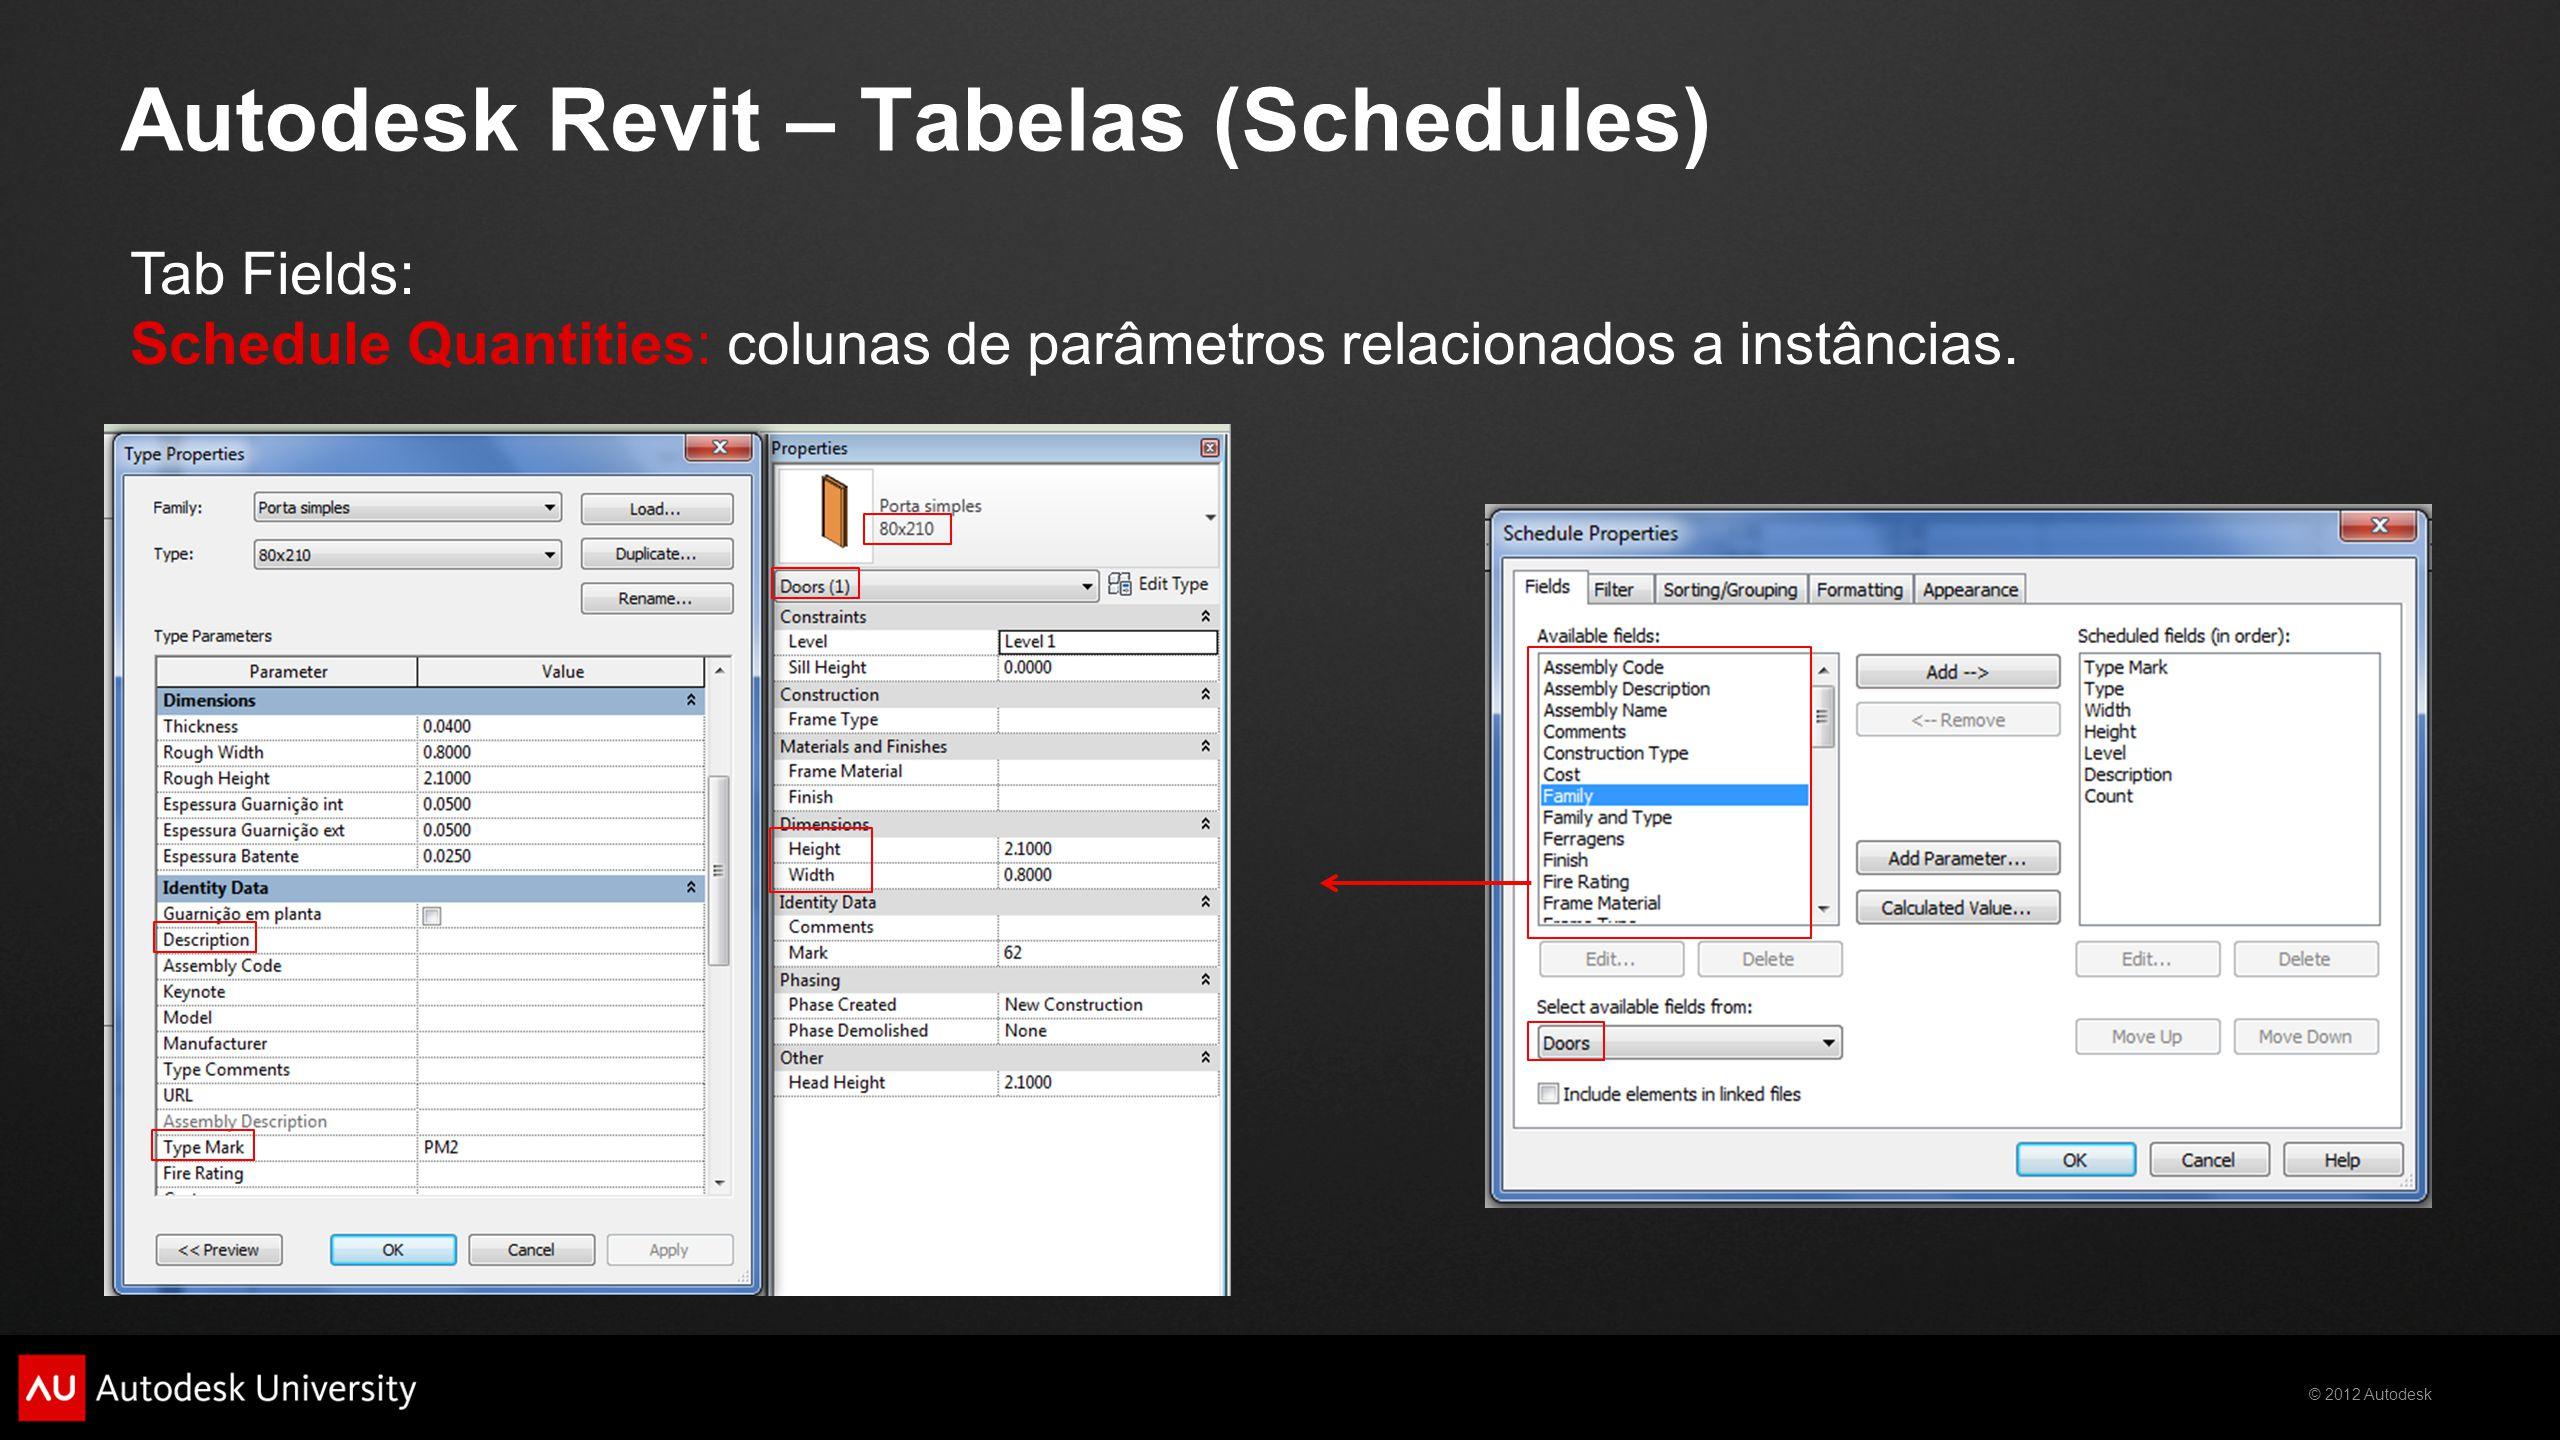 © 2012 Autodesk Autodesk Revit – Tabelas (Schedules) Tab Fields: Schedule Quantities: colunas de parâmetros relacionados a instâncias.